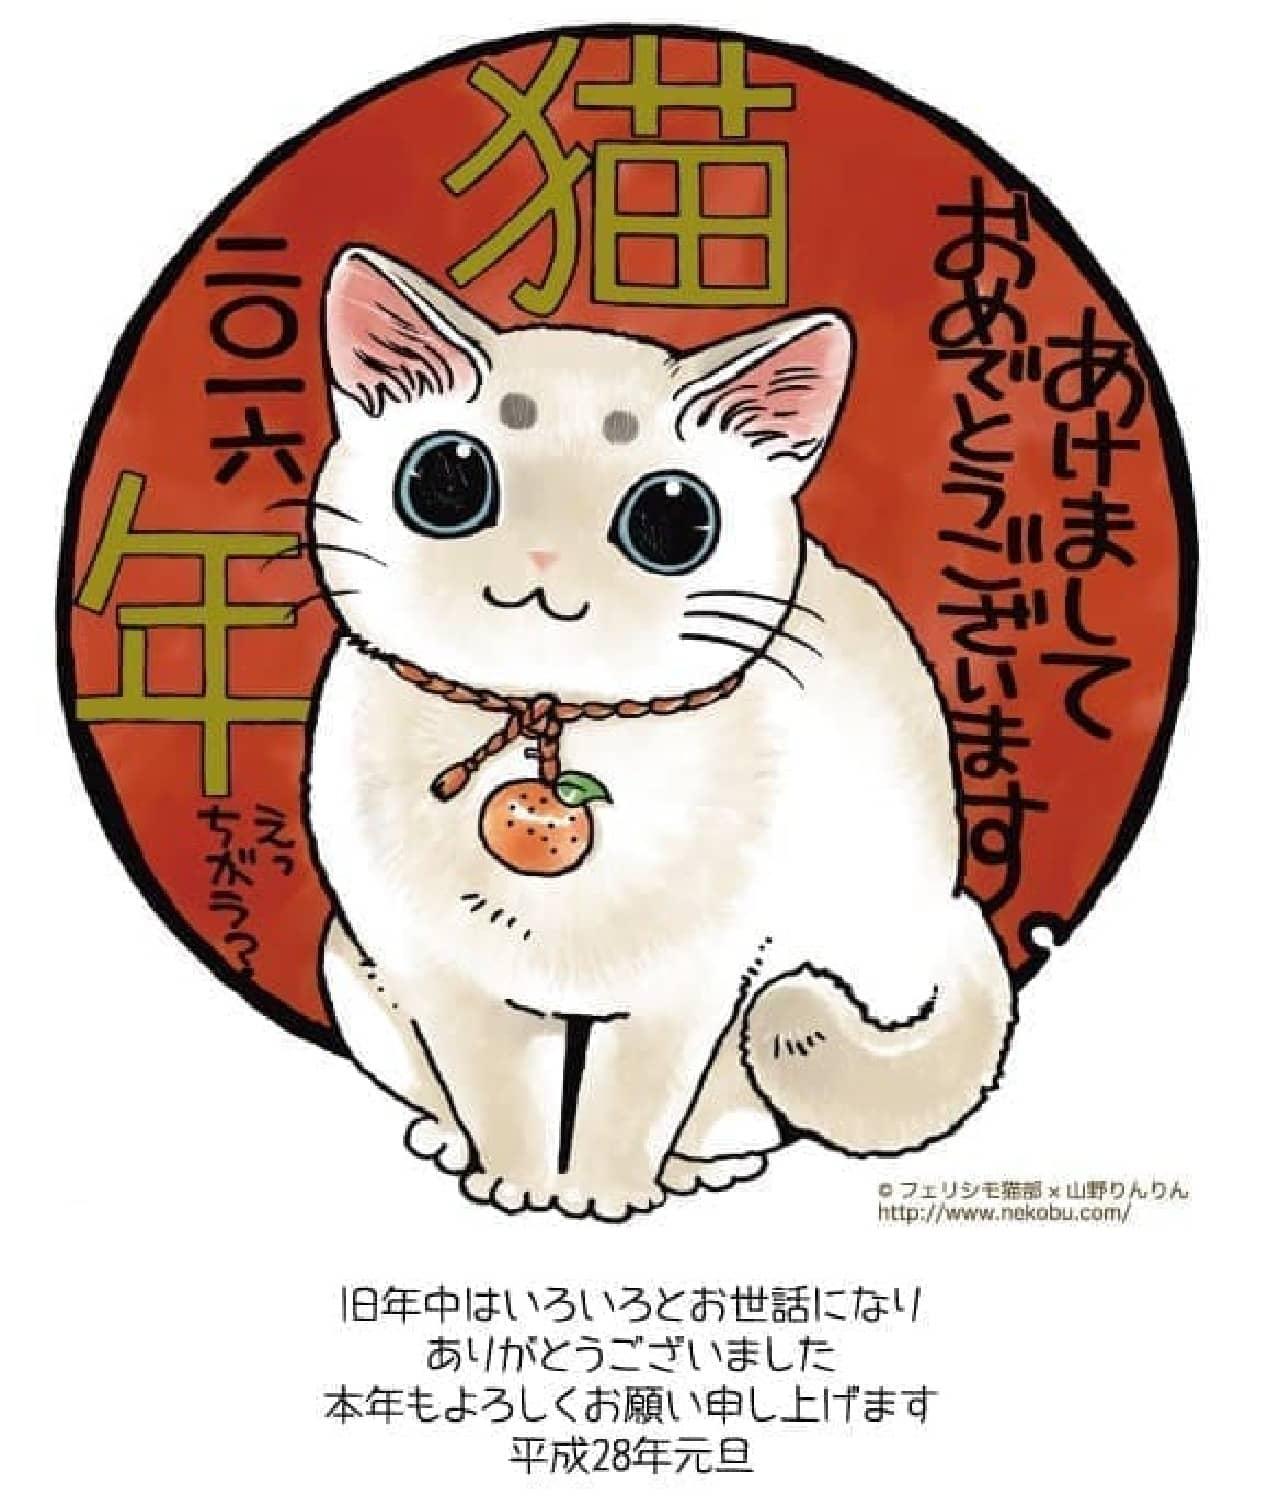 「にゃんそうこう」発案者山野りんりんさんが描いた「今年も猫年だにゃ!」